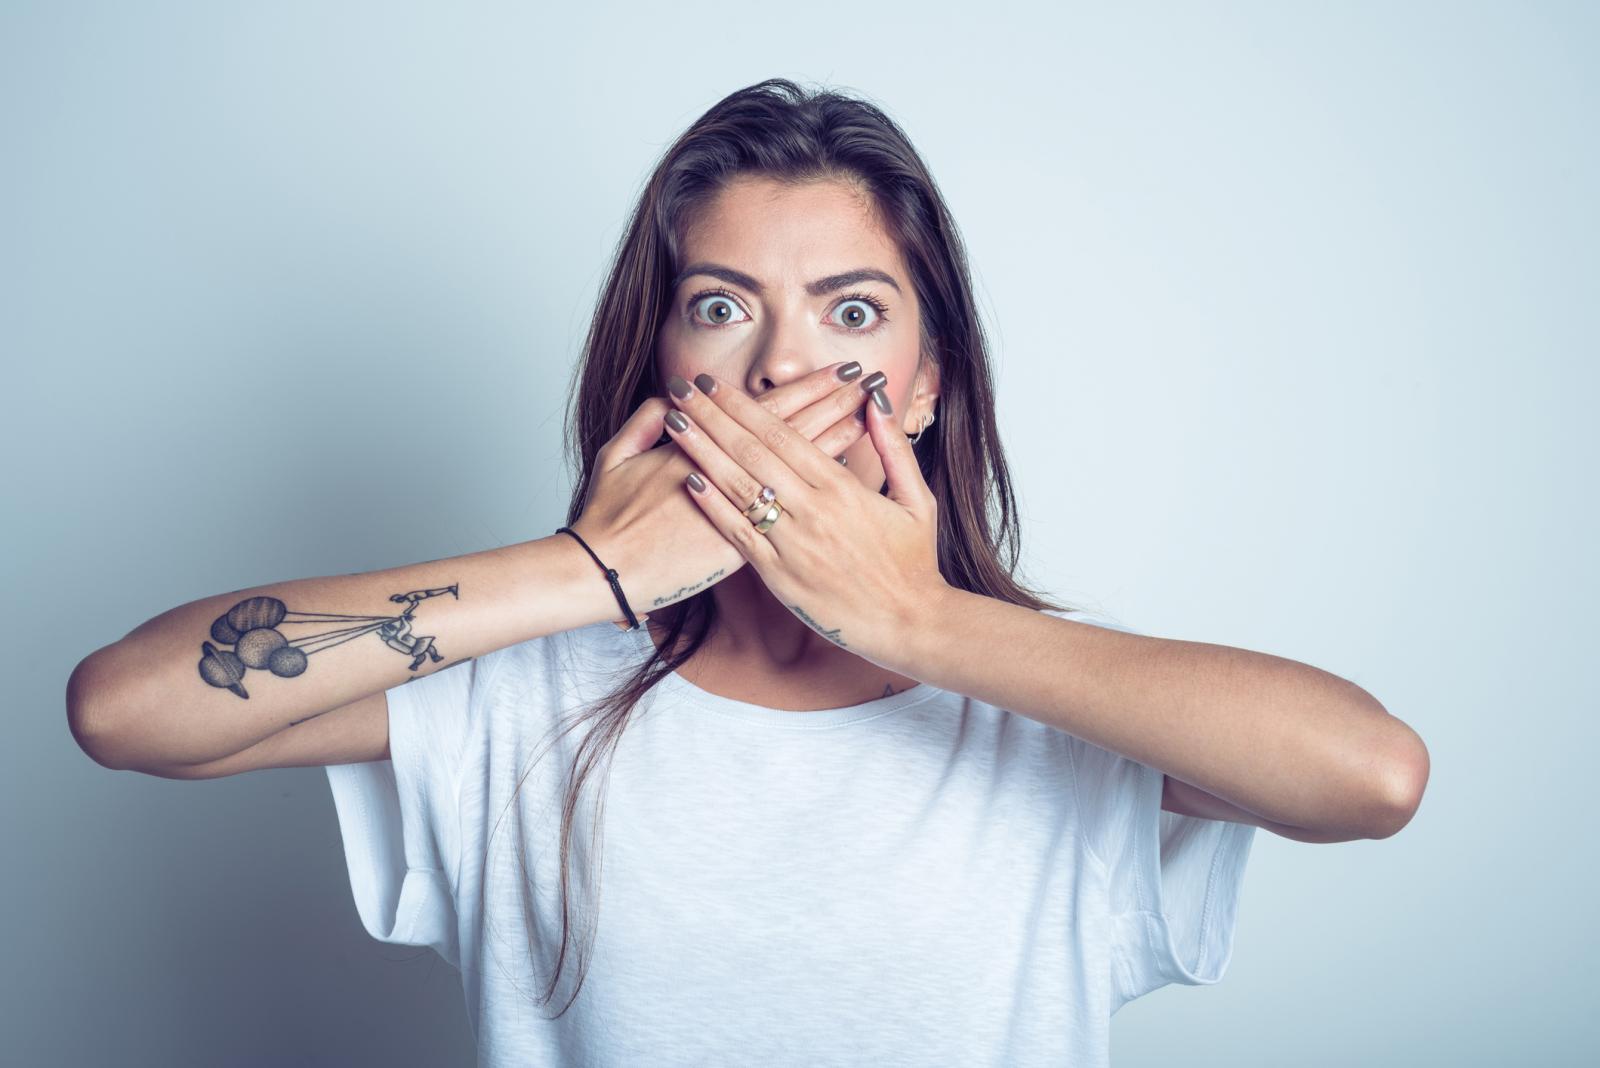 Štucanje obično prođe spontano nakon kratkog vremena, no ponekad može potrajati, obično zbog oštećenja ili nadraženosti živaca povezanih s ošitom.